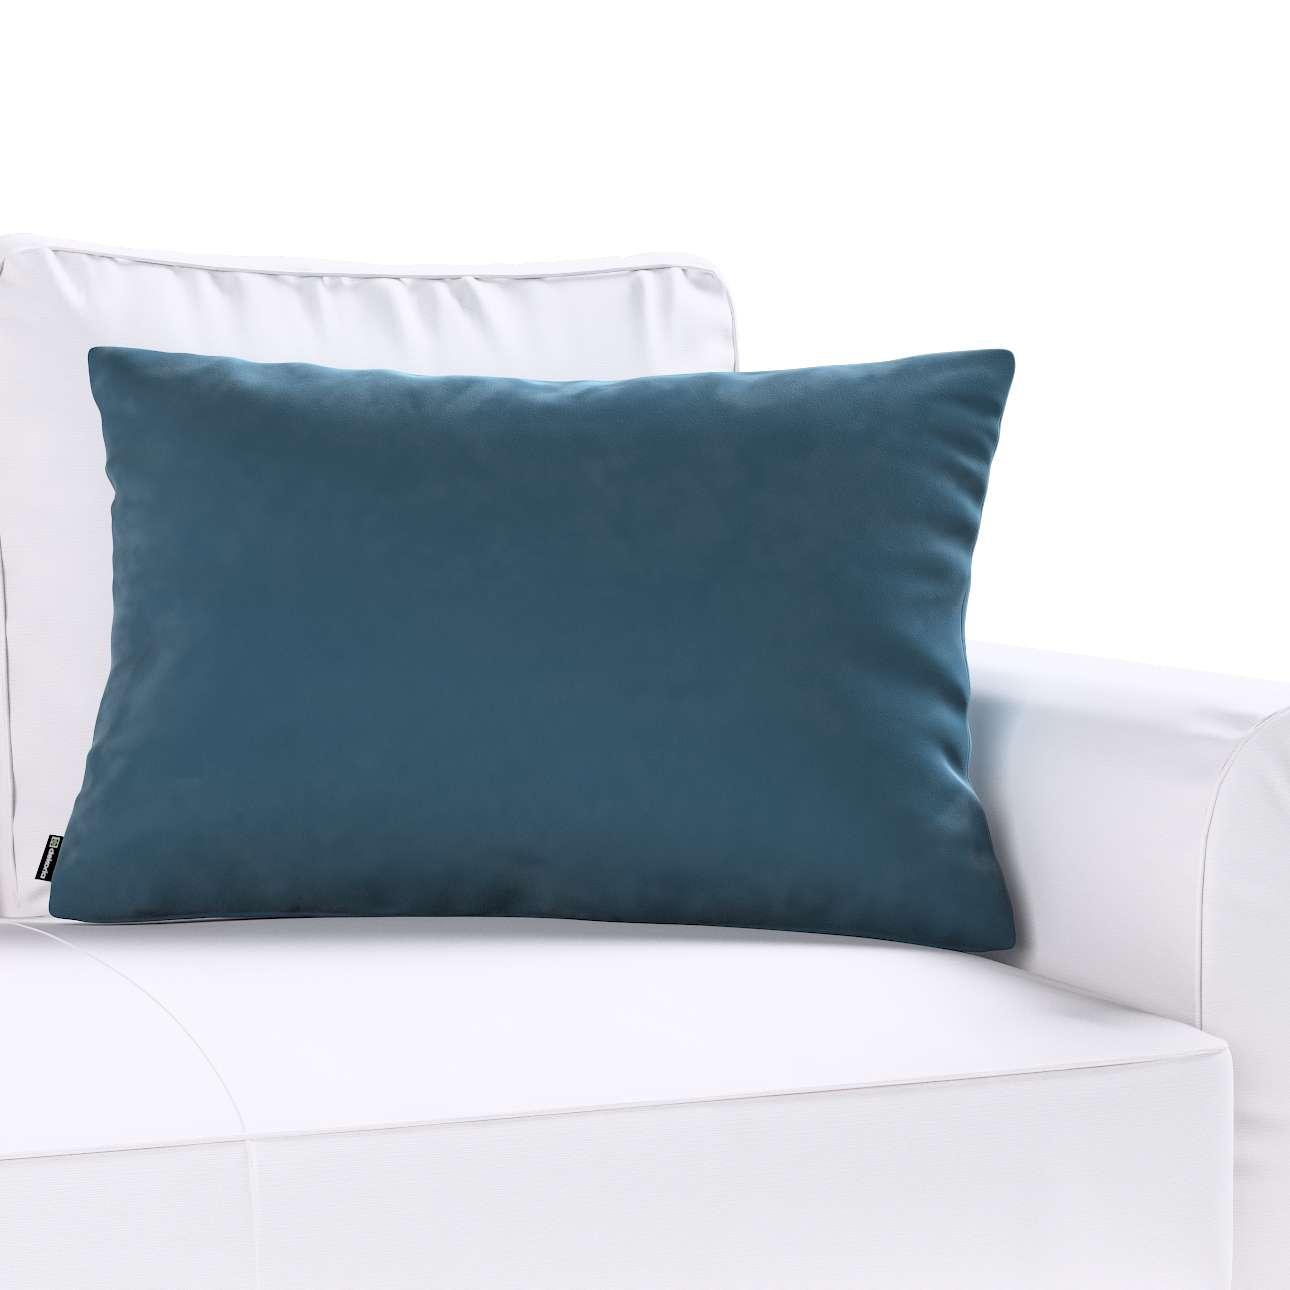 Poszewka Kinga na poduszkę prostokątną w kolekcji Velvet, tkanina: 704-16